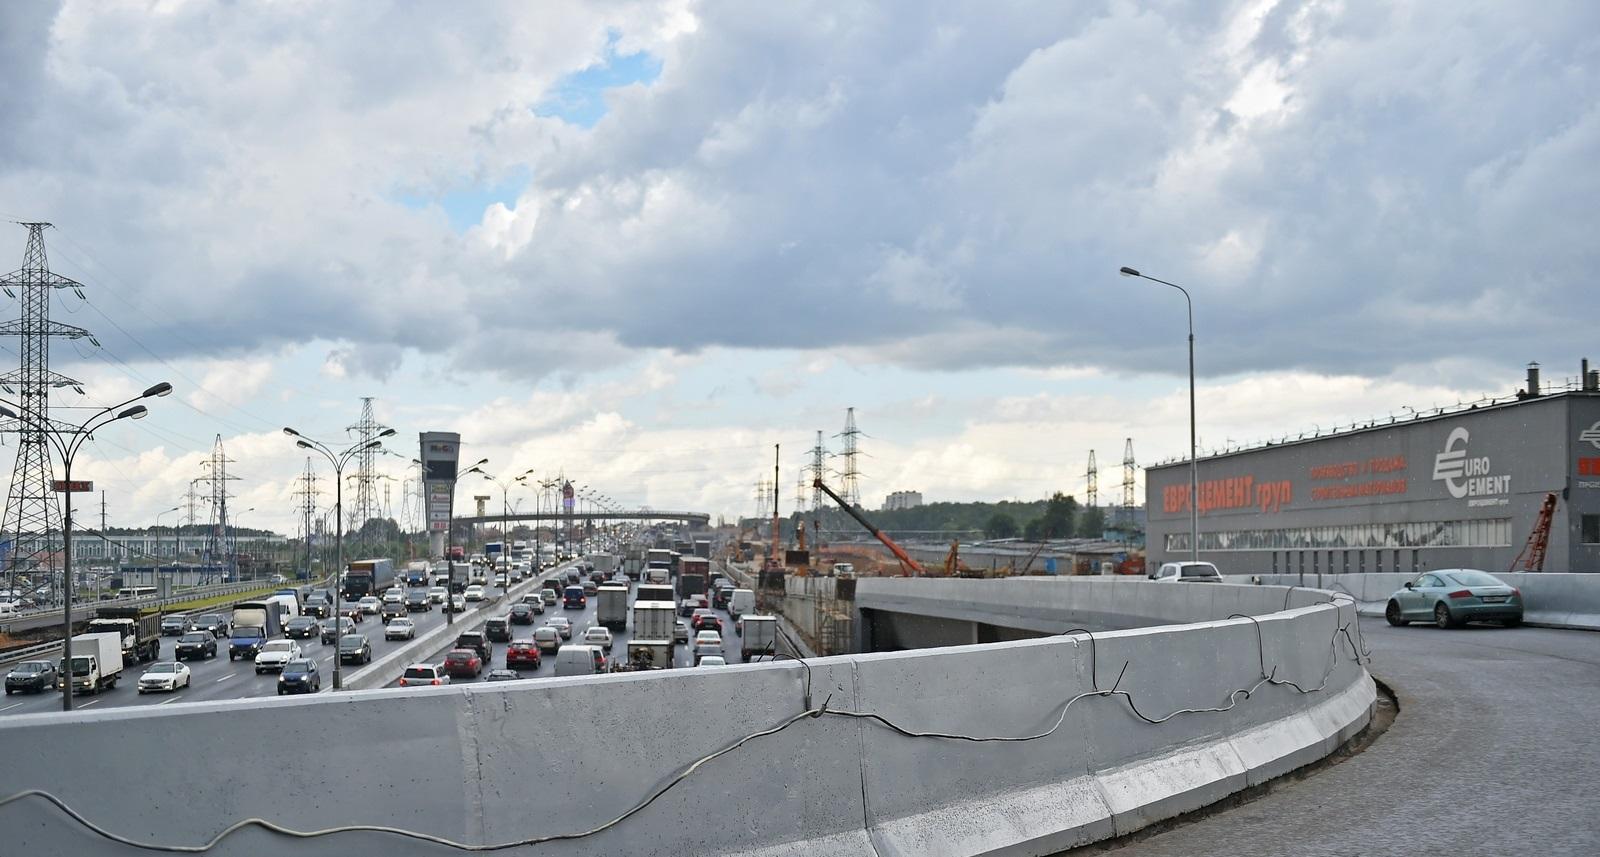 Сегодня любая транспортная система – города, региона или страны – должна рассматриваться как комплексная логистическая система (фото: Комплекс градостроительной политики и строительства Москвы)